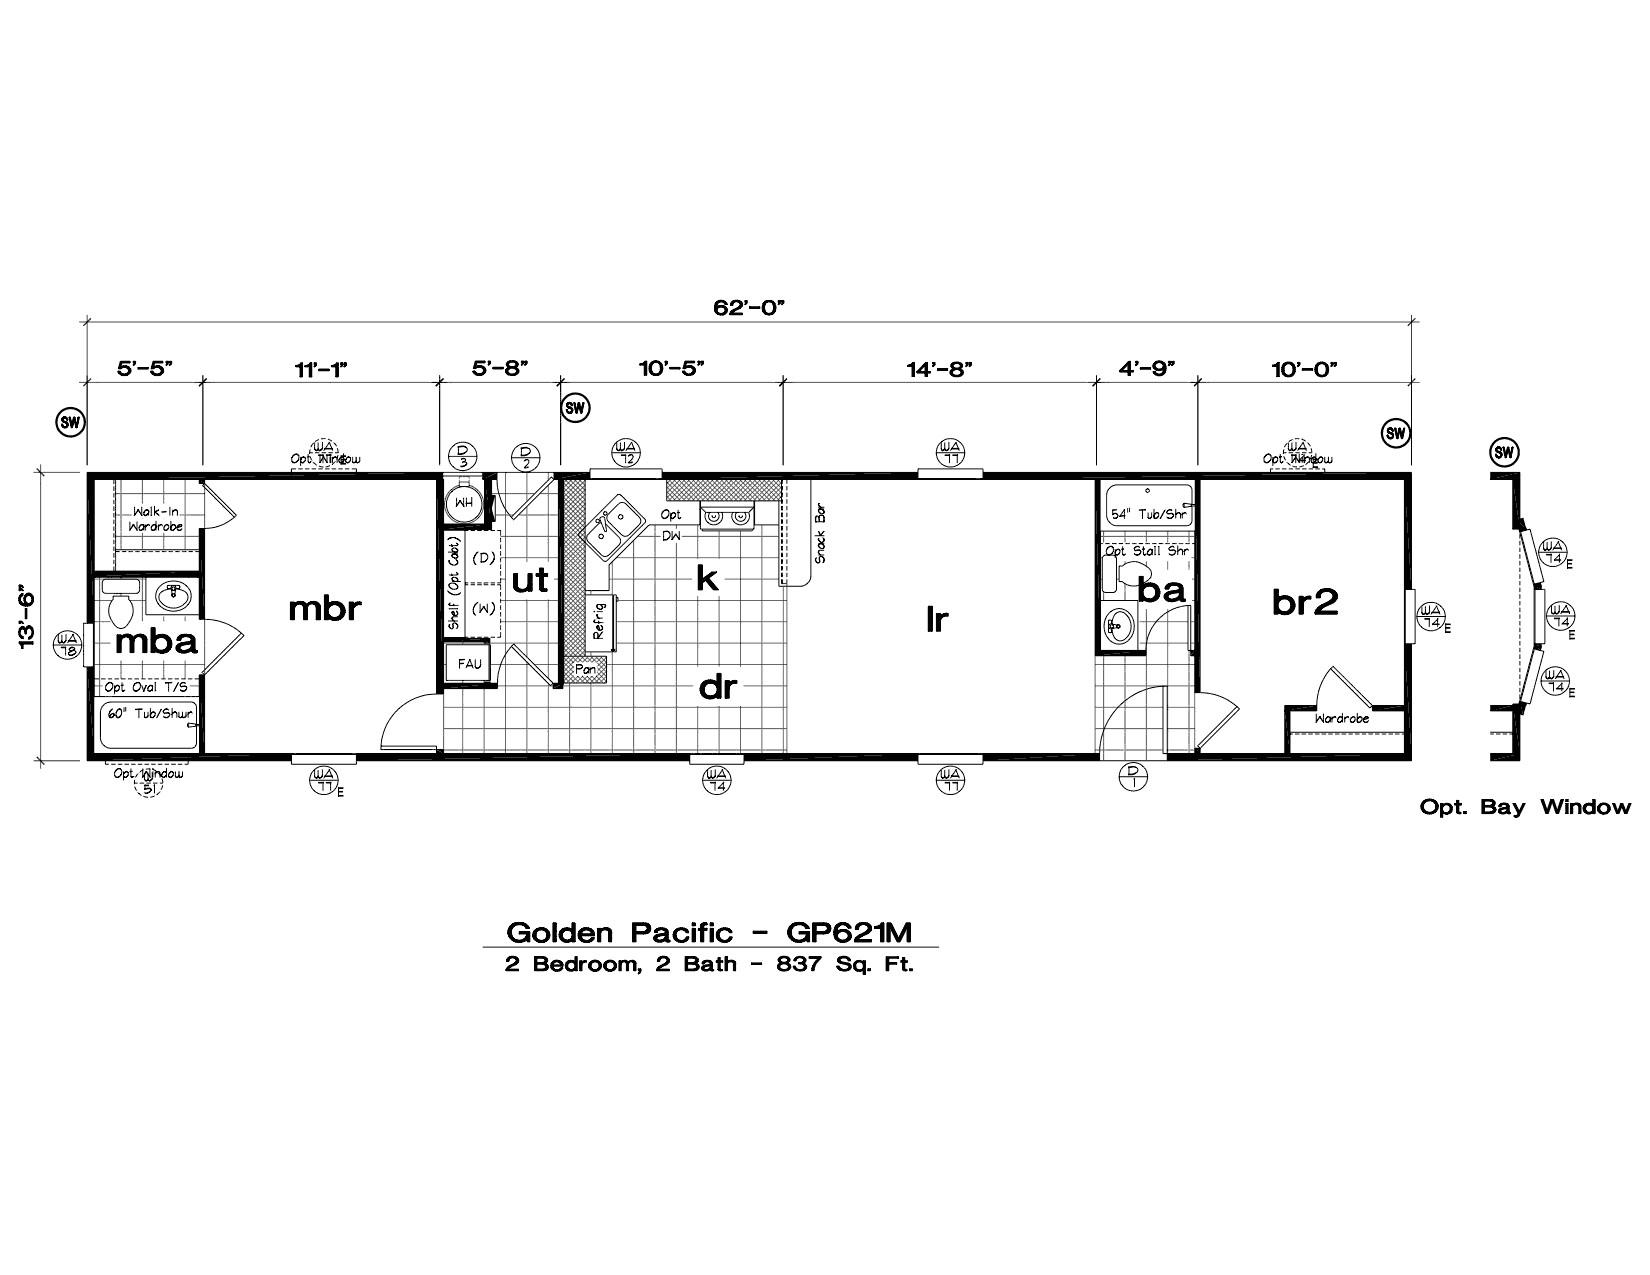 1999 oakwood mobile home floor plans